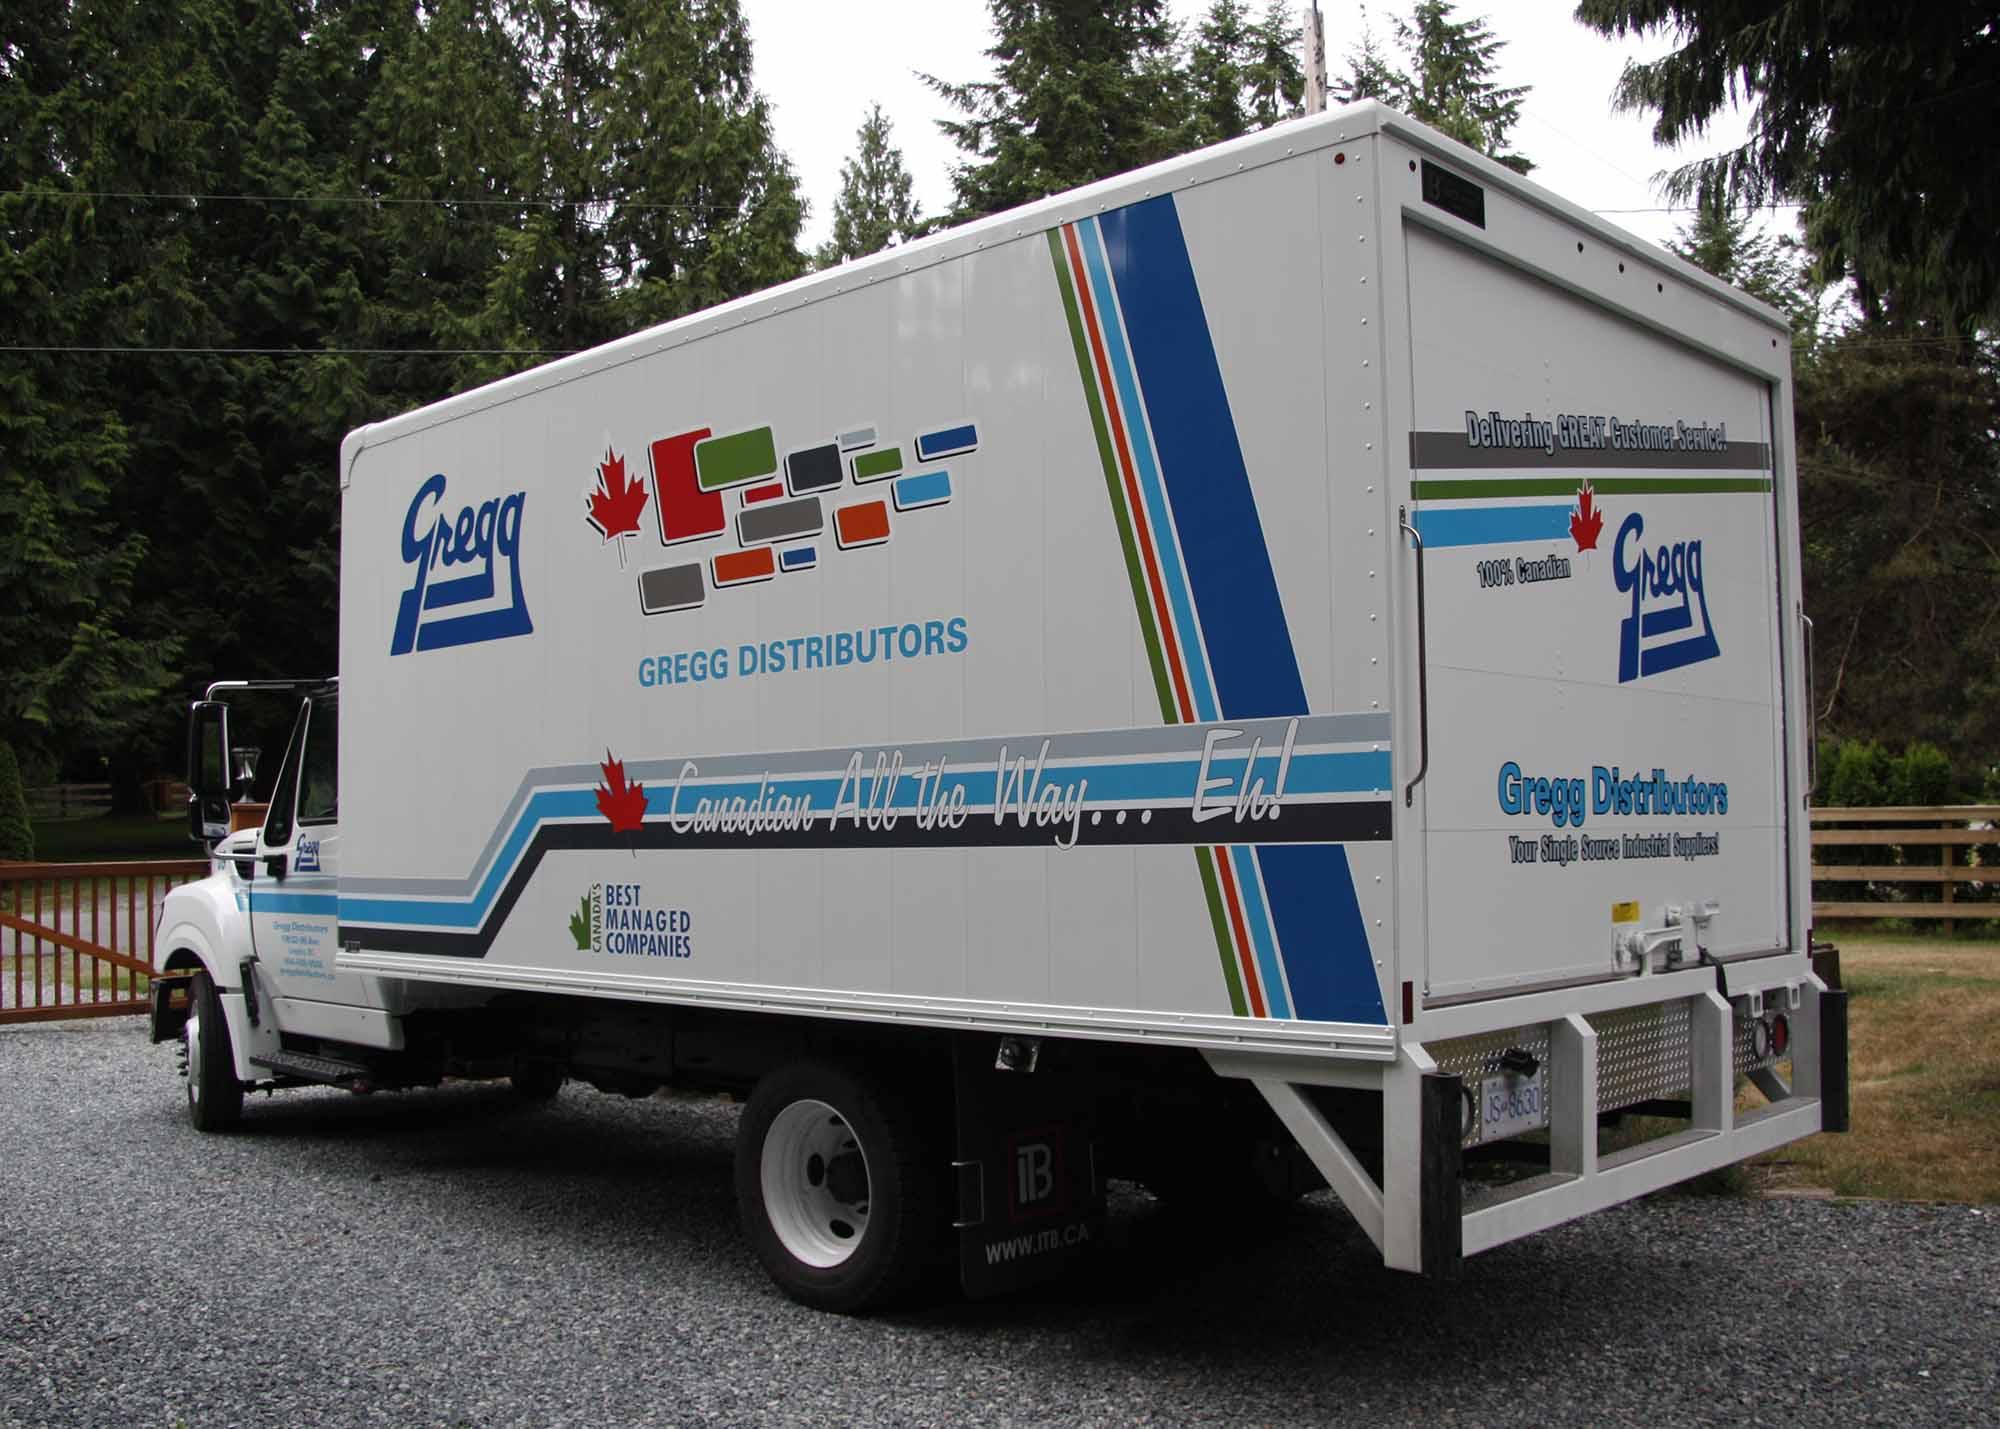 Gregg 5 ton truck